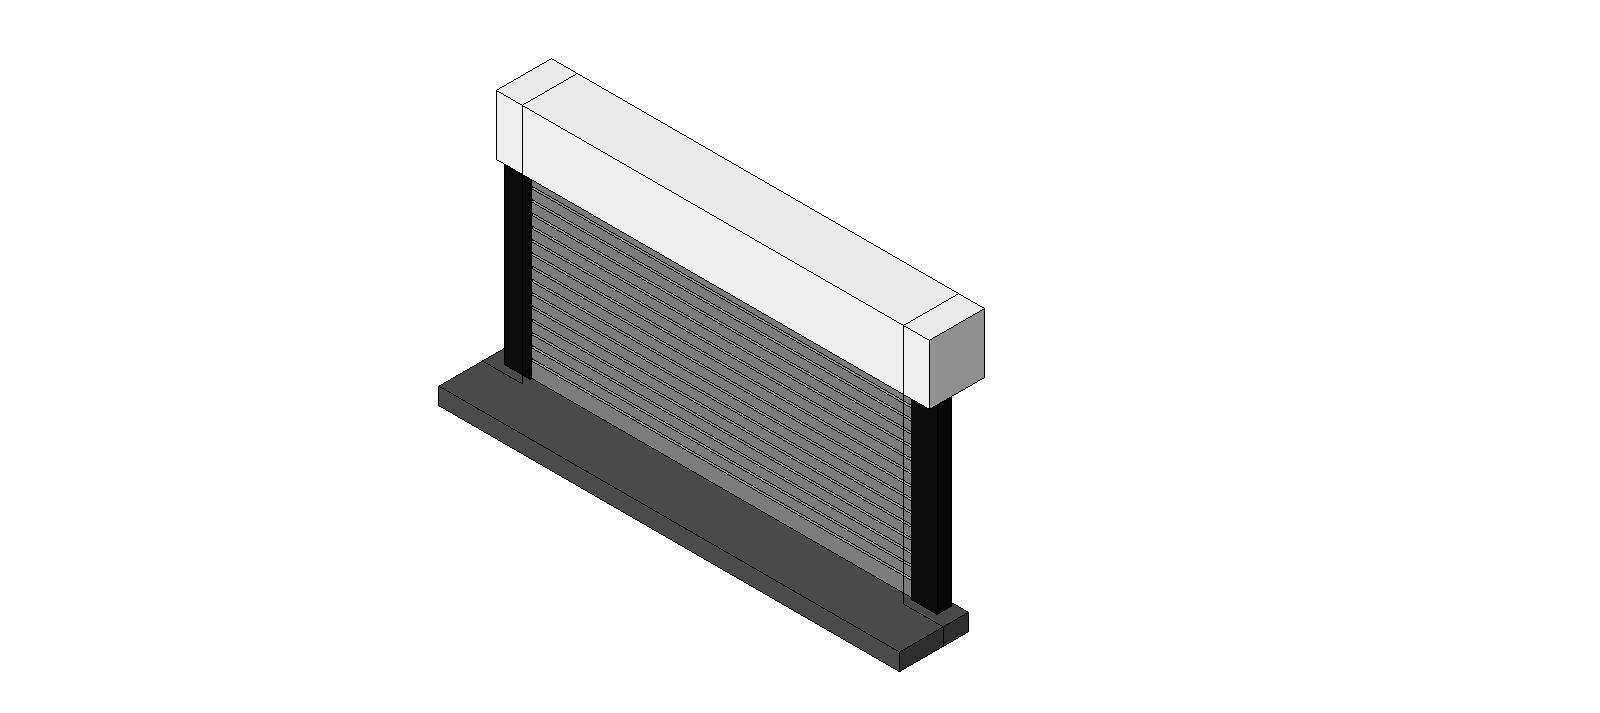 Overhead Door Corporation - BIM Objects / Families